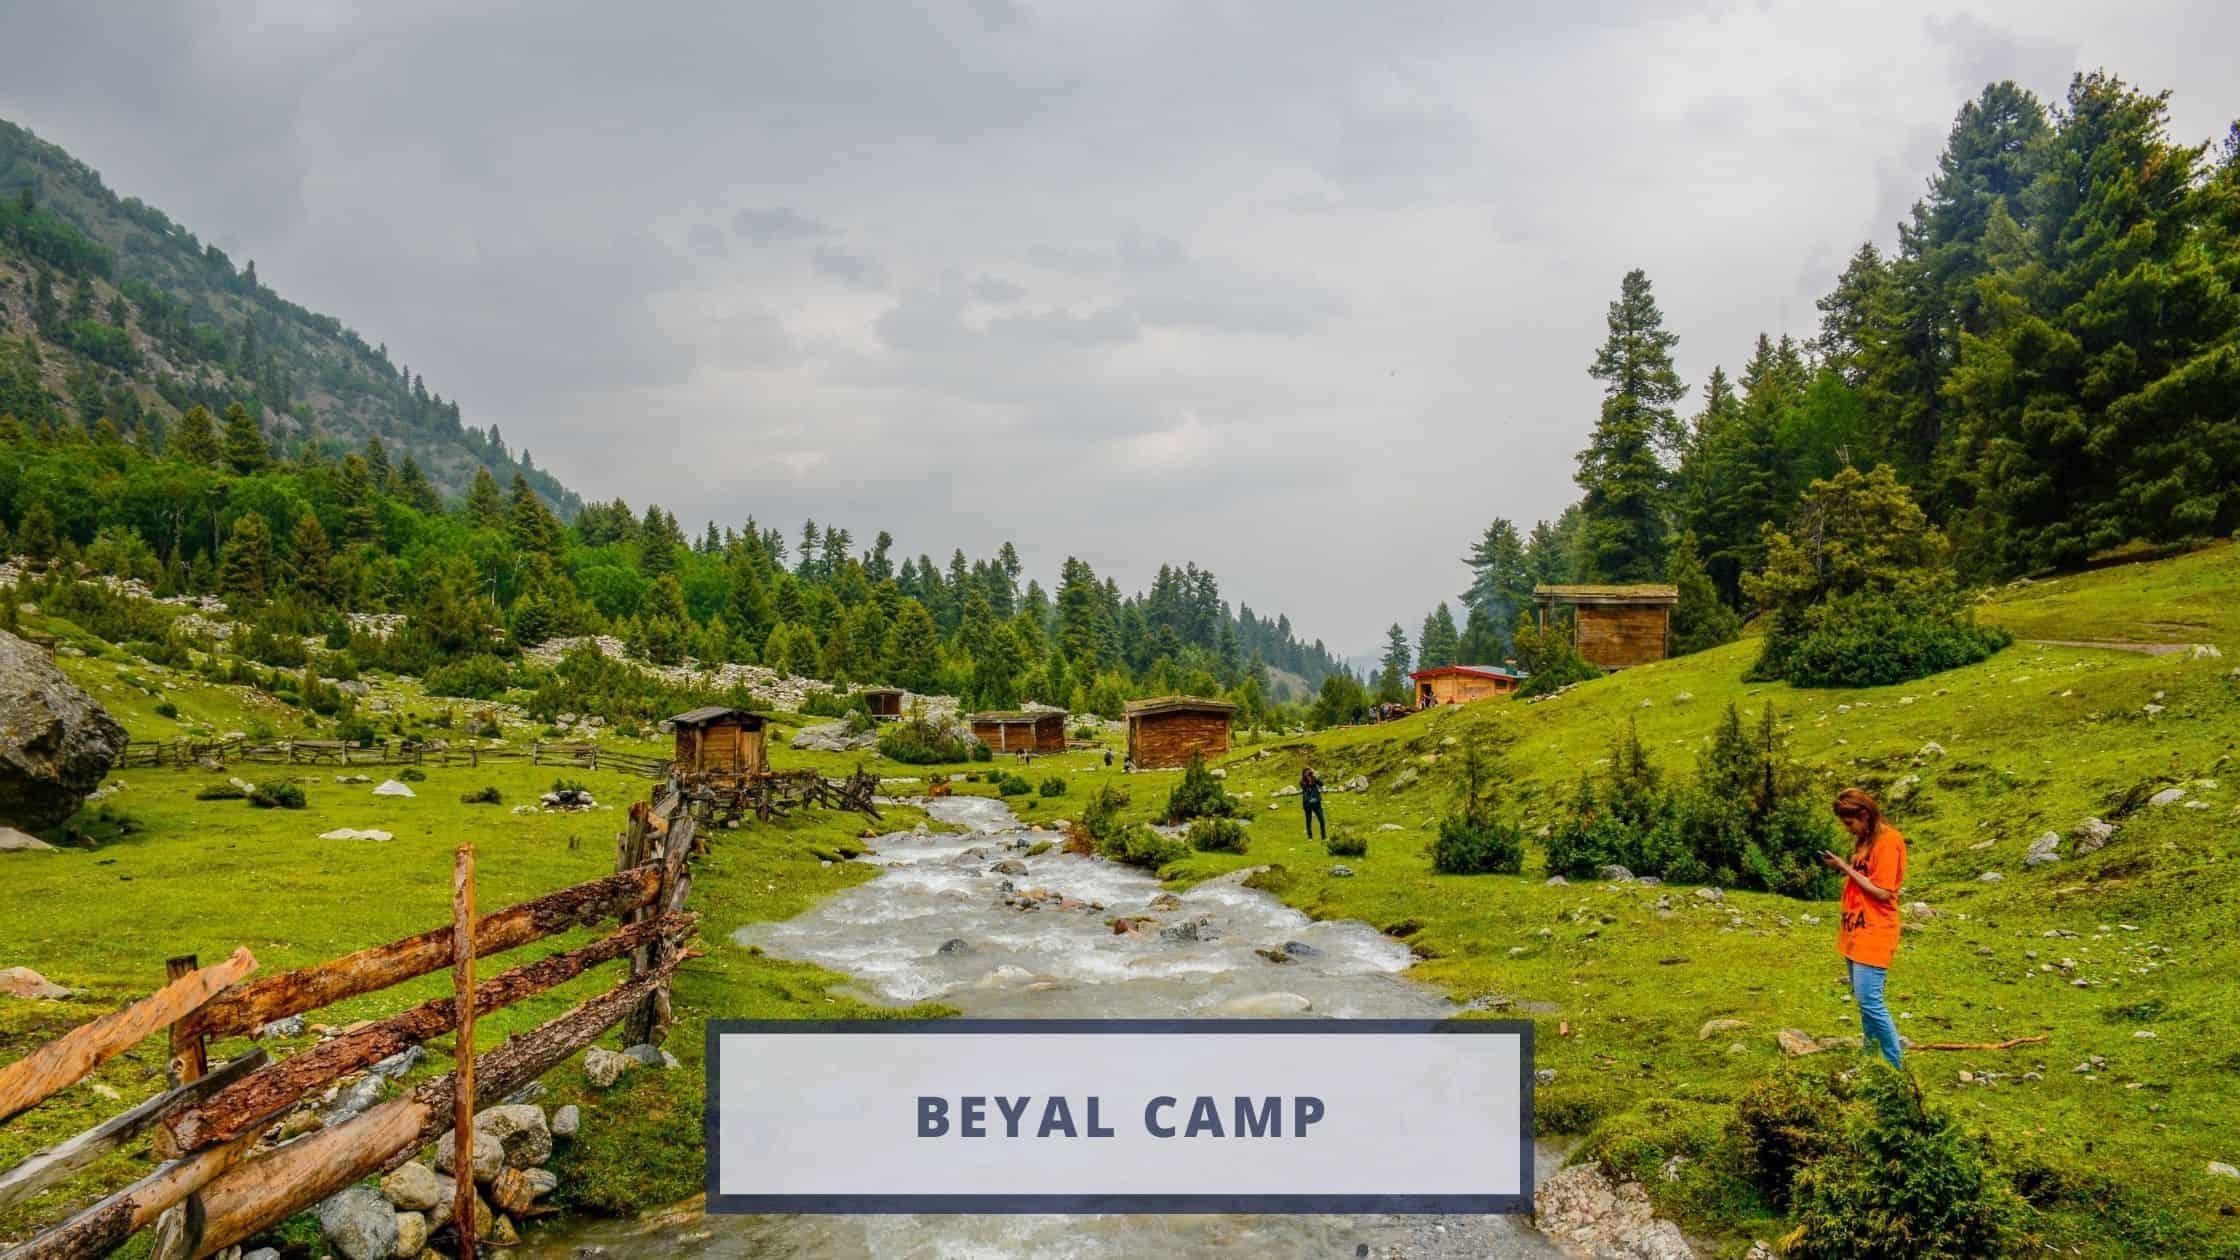 Beyal camp fairy meadows